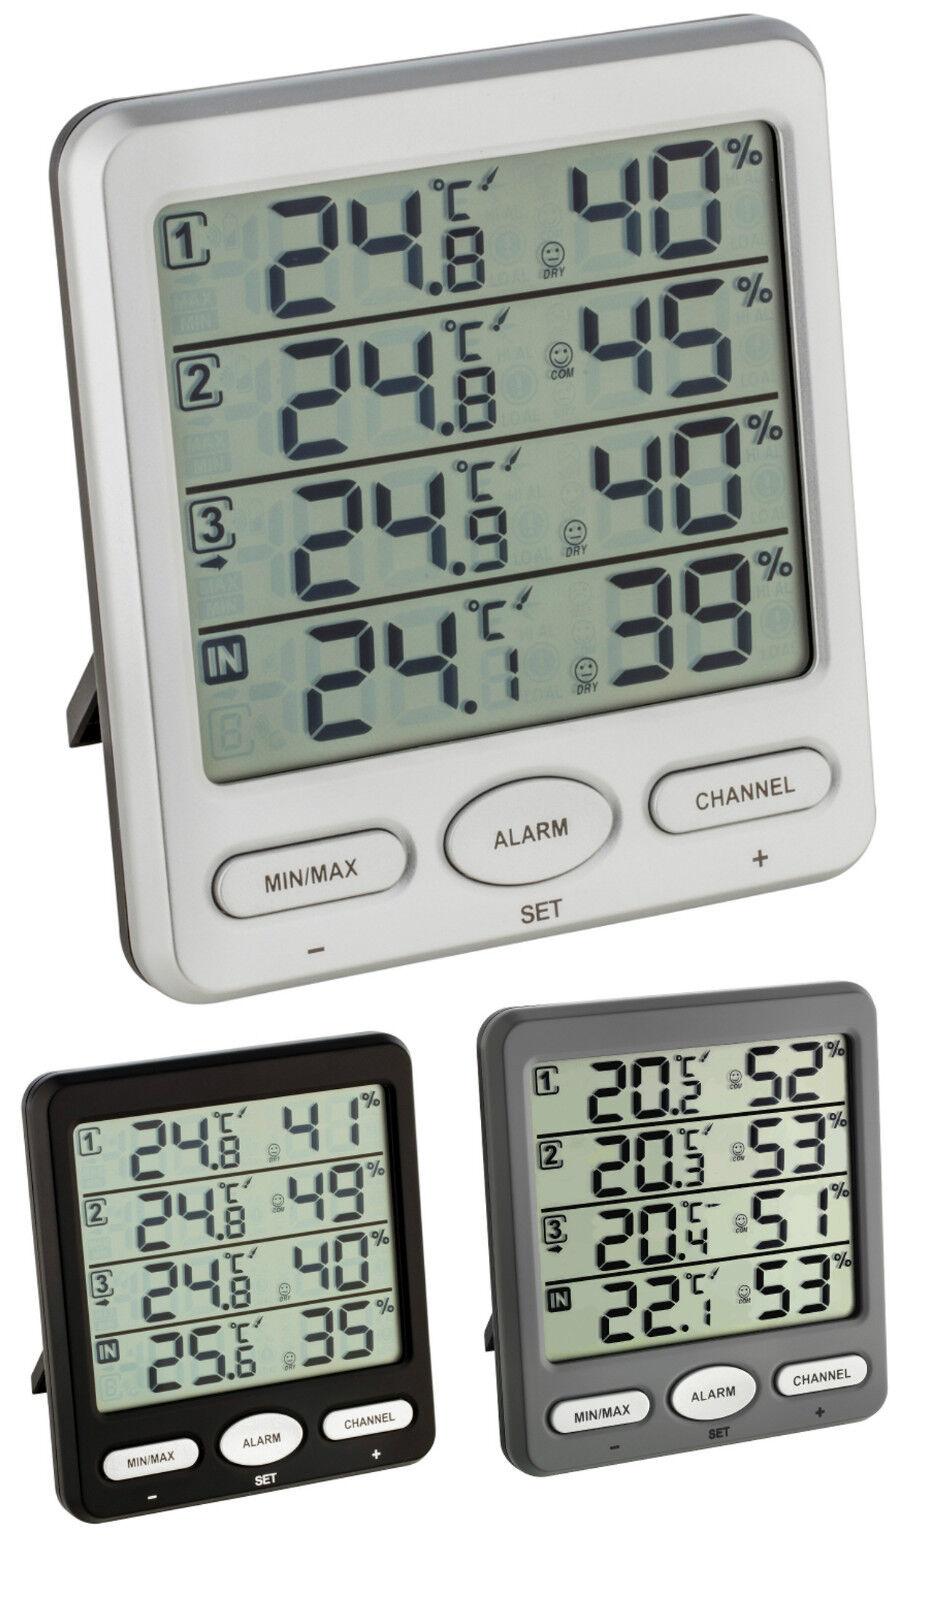 Climatizador Tfa 30.3054 Klima-Monitor Radio Termo-Higrómetro Min. Máximo